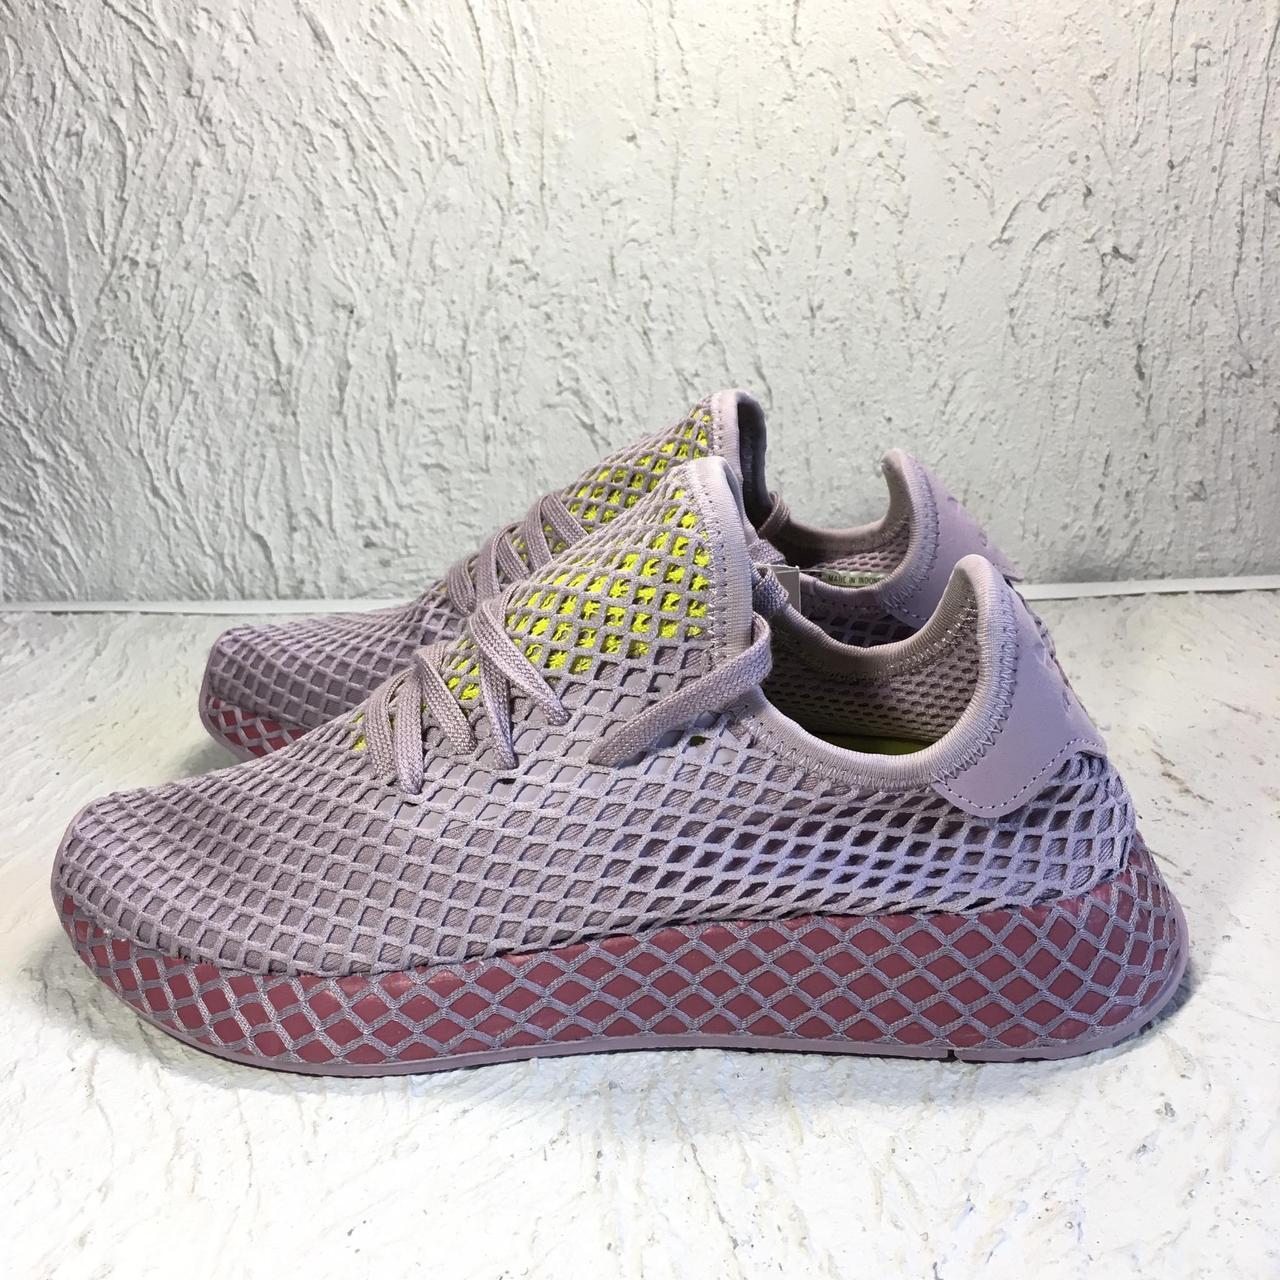 Кроссовки Adidas Deerupt Runner CG6084 37, 37,5, 38, 38,5, 39,5, 40, 40,5 размер